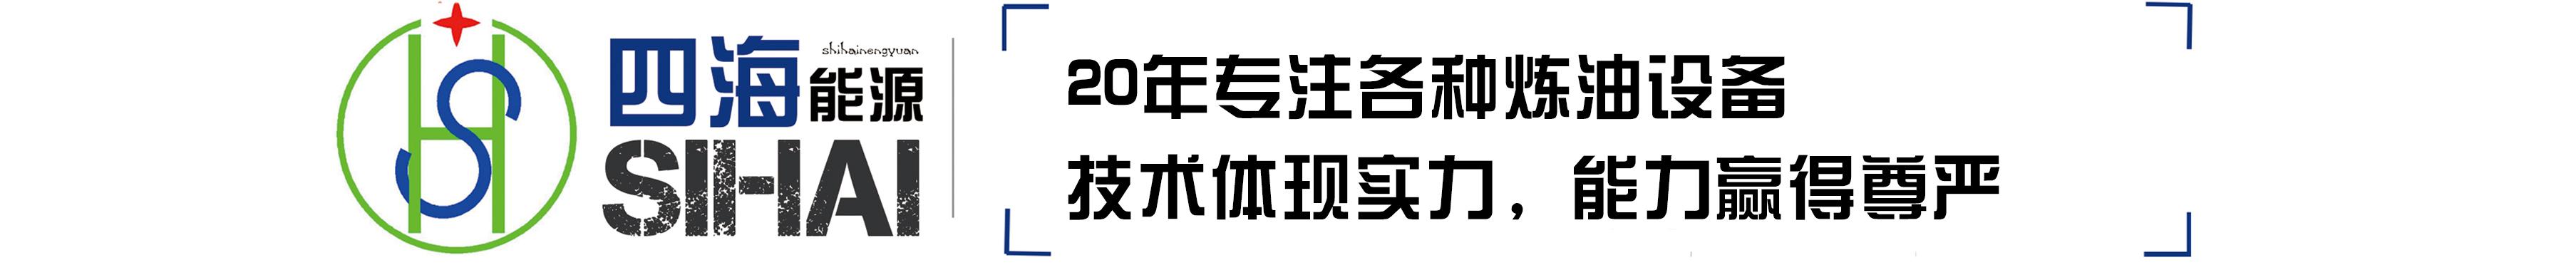 商丘四海能源科技有限公司